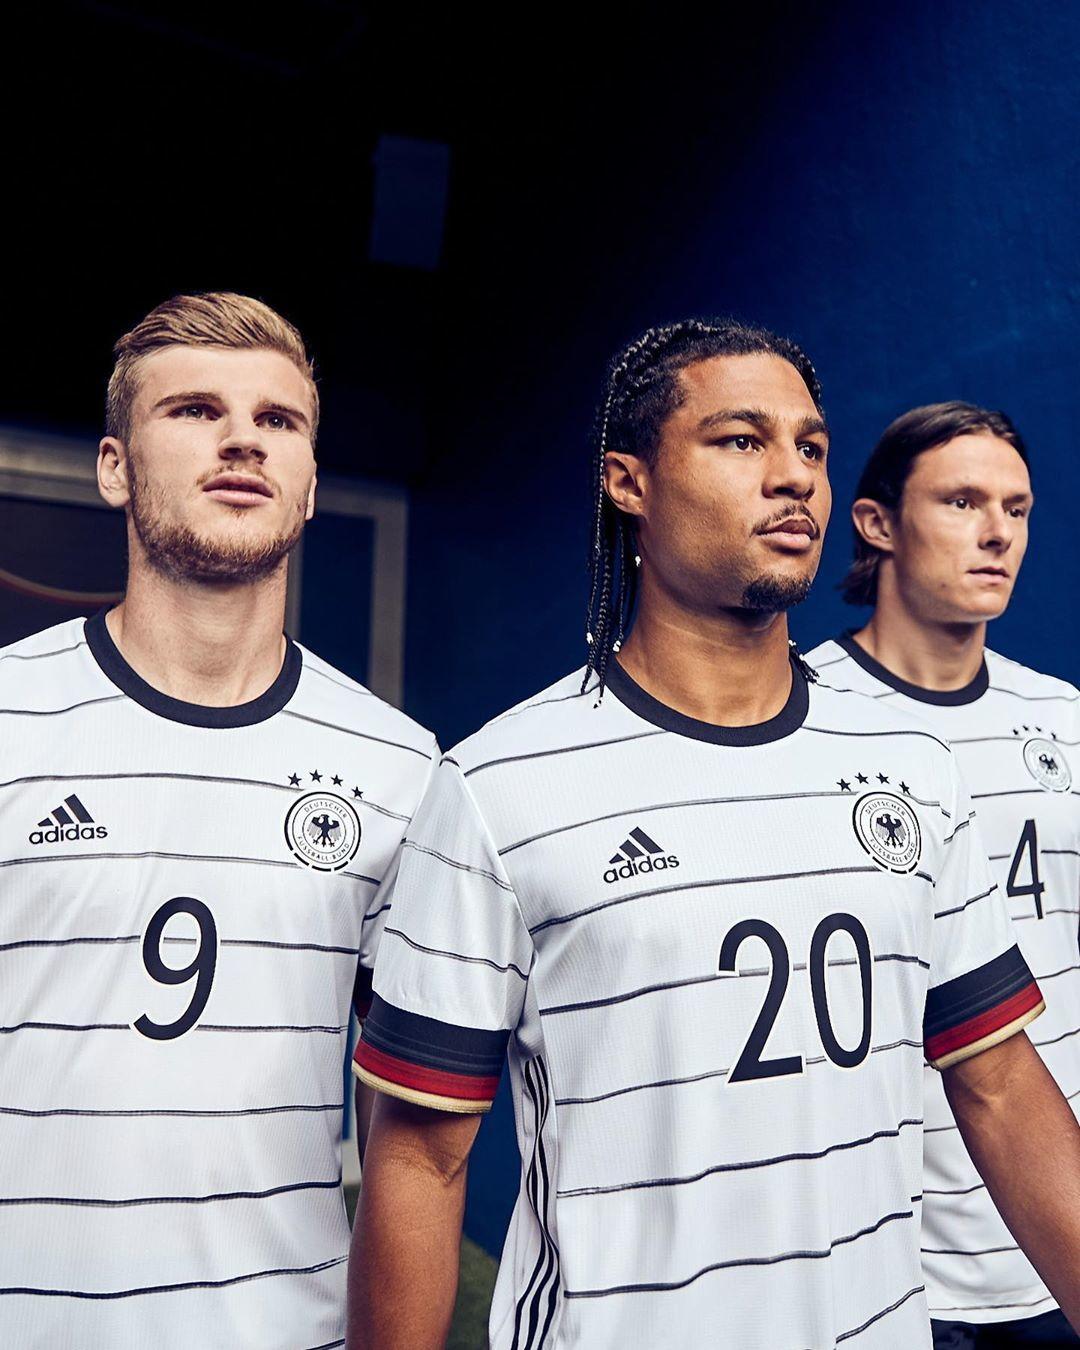 adidas ha svelato la prima maglia dei tedeschi per l&#39;Europeo.<br /><br />